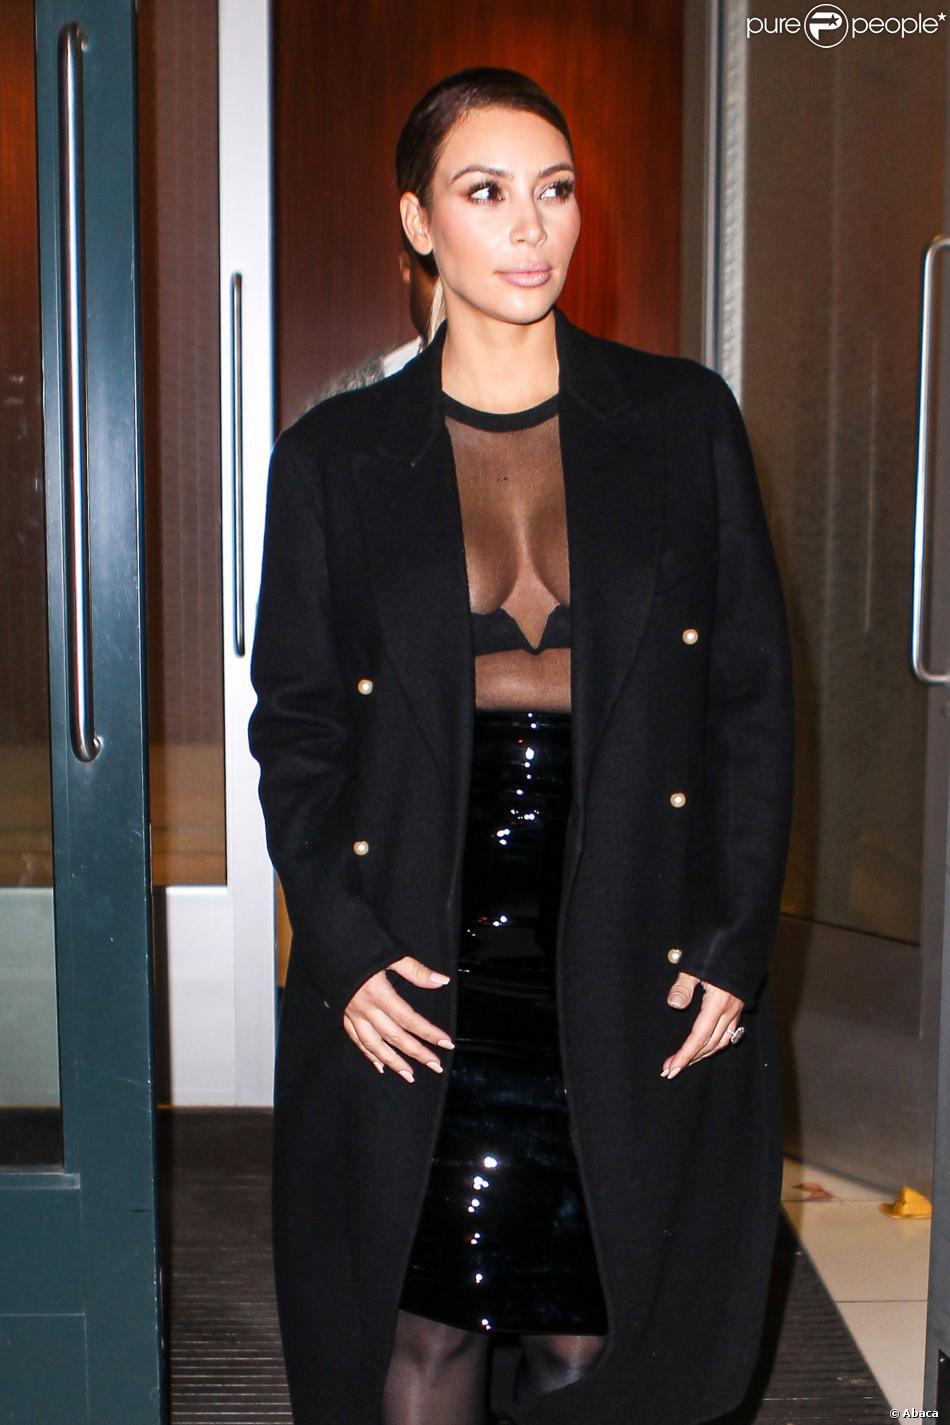 Kim Kardashian, ultrasexy en noir, se rend au Barclays Center pour le concert de son fiancé Kanye West. New York, le 19 novembre 2013.